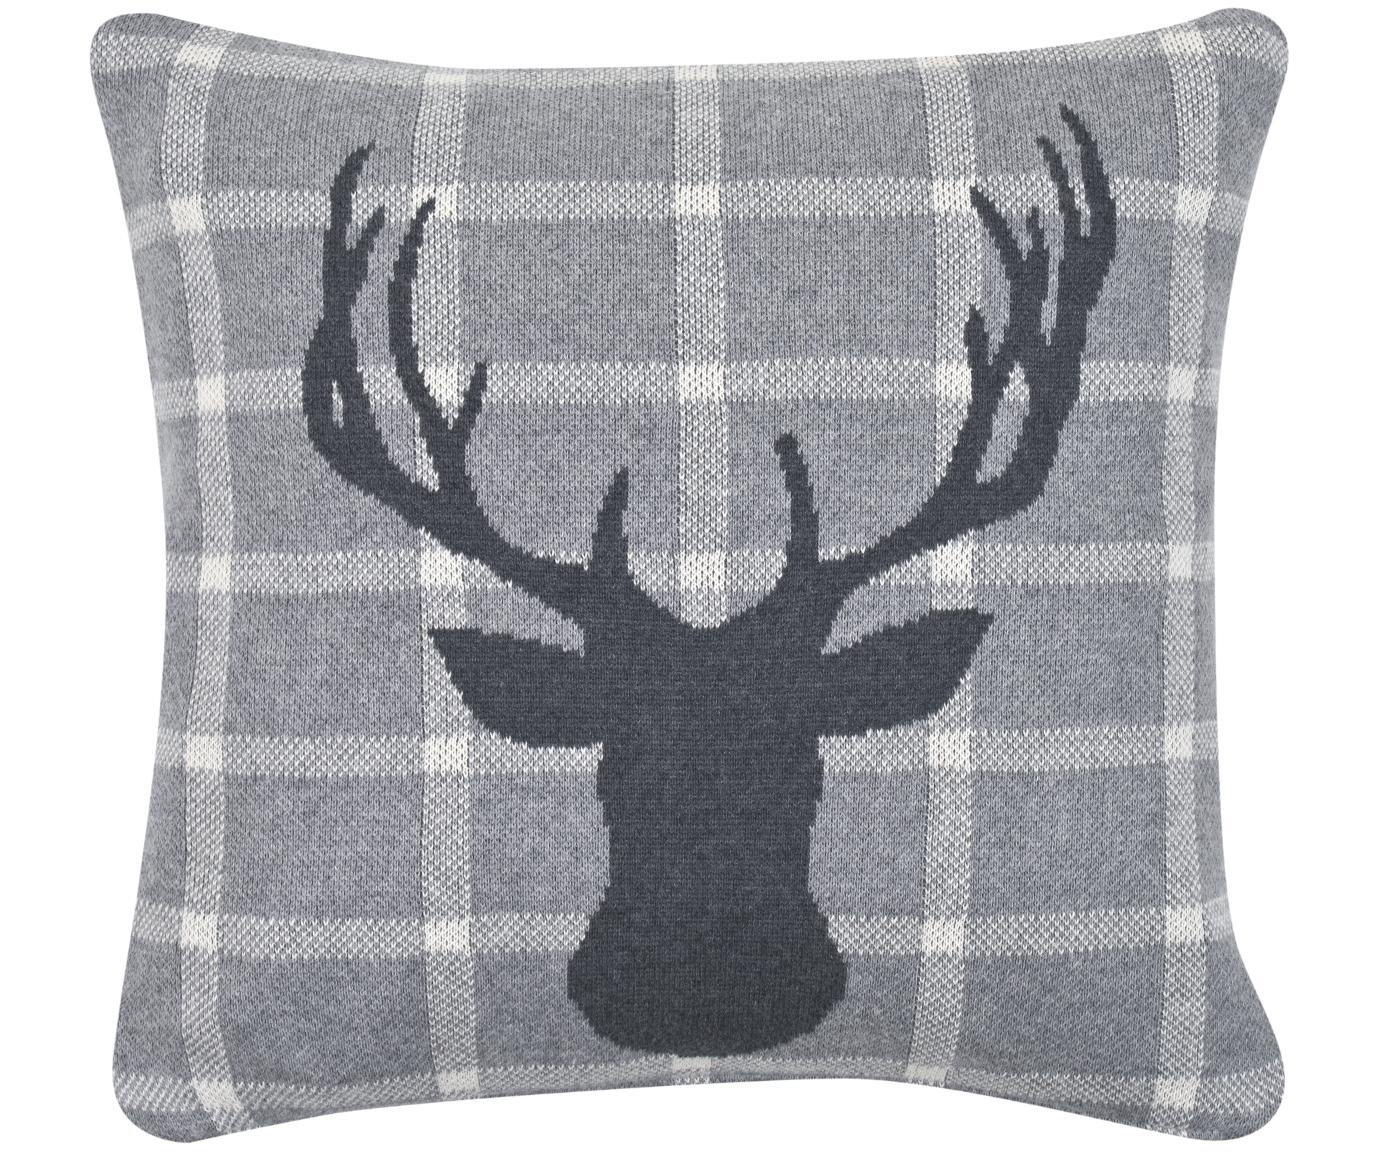 Dzianinowa poszewka na poduszkę Jonna, 100% bawełna, Szary, kremowy, S 40 x D 40 cm